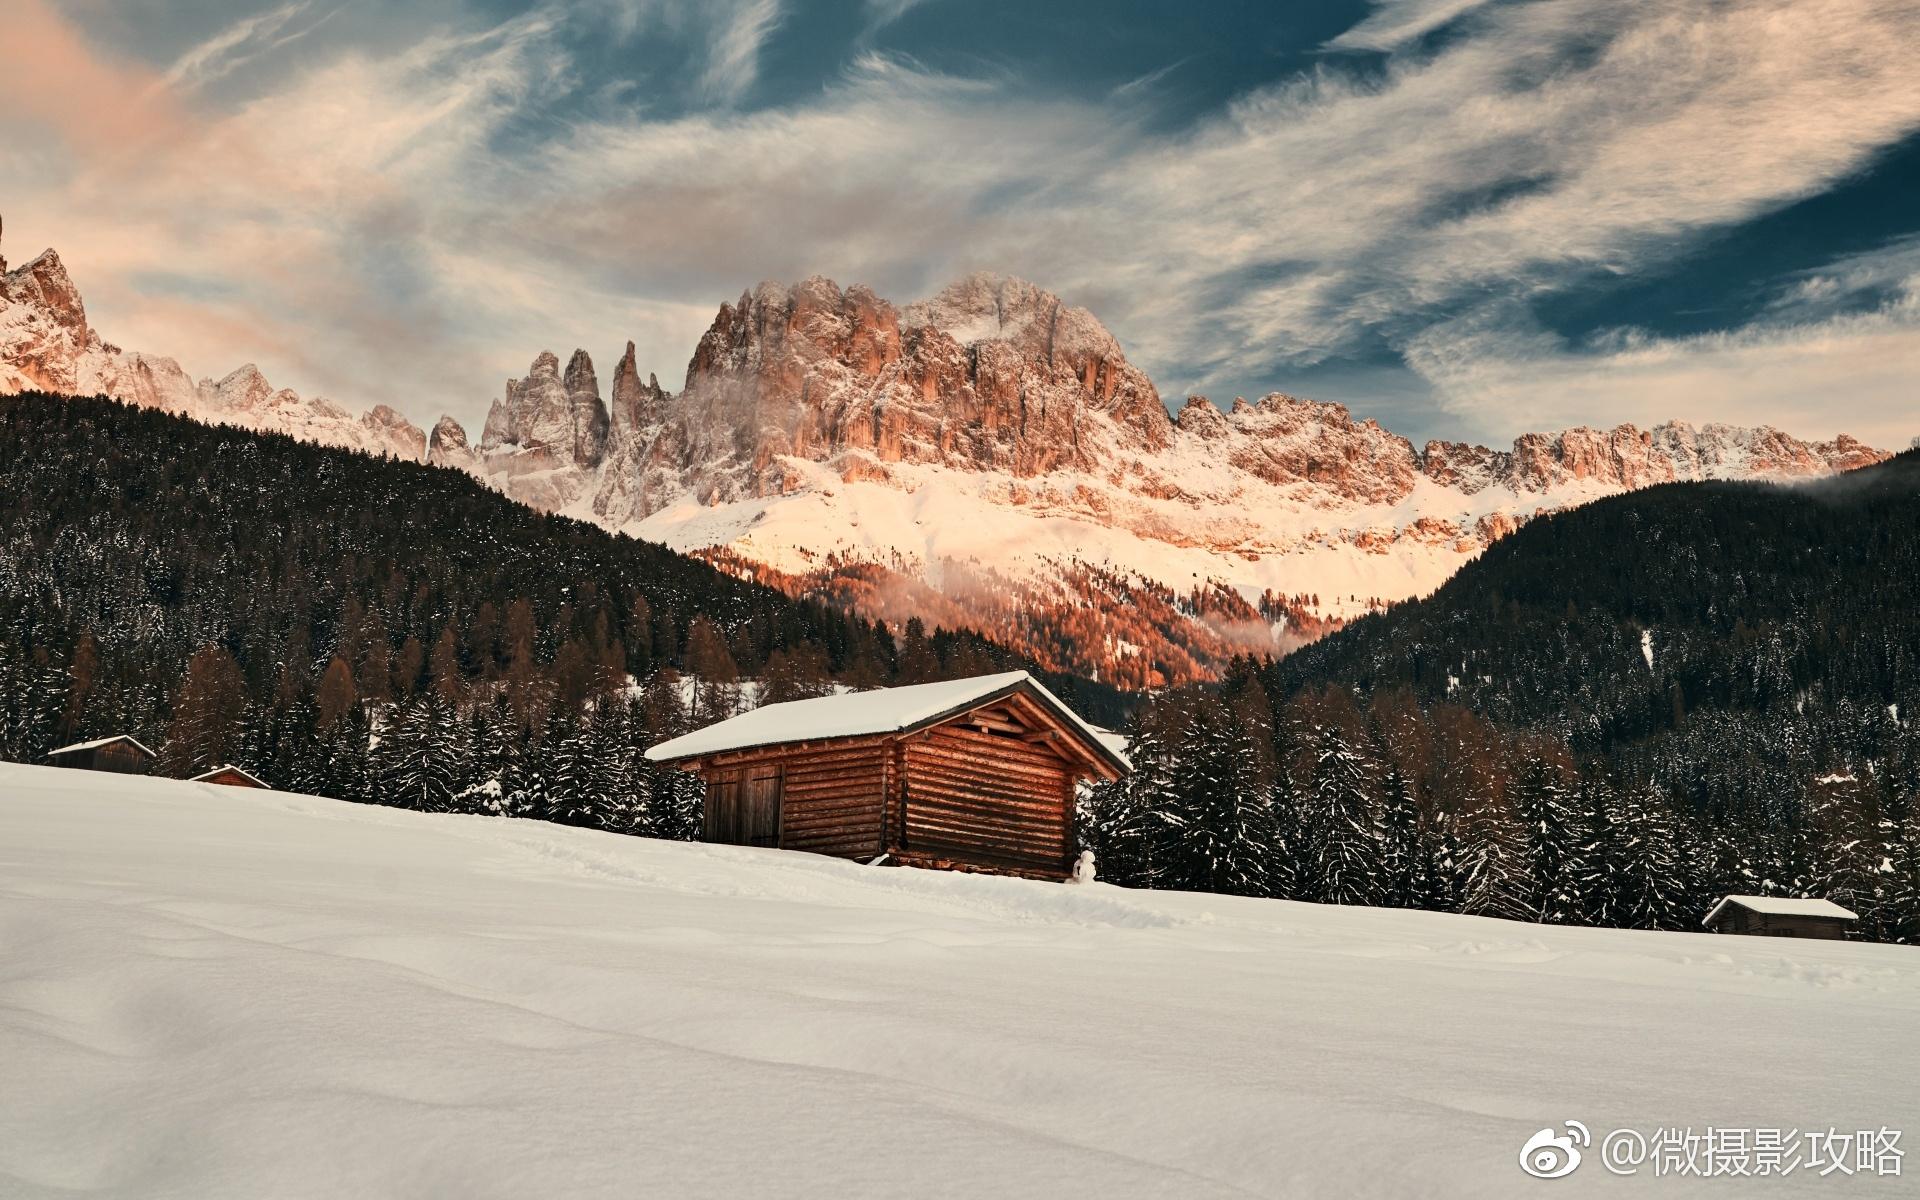 可爱小清新风景图片是一组关于雪山的风景摄影图片